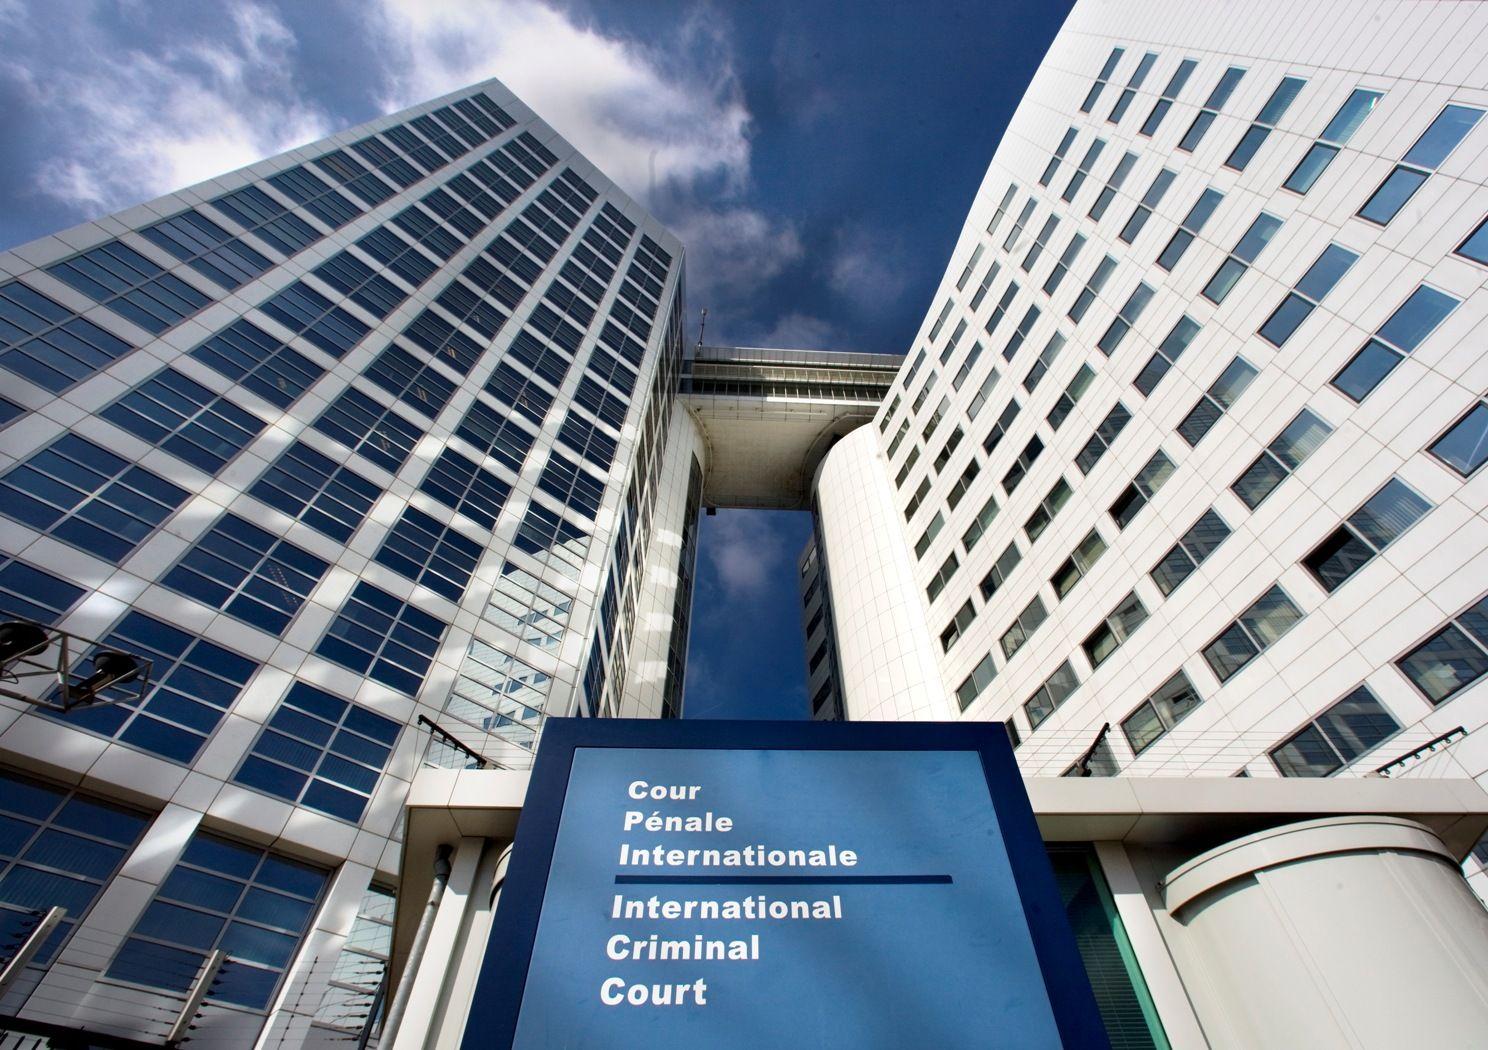 Украина и Международный Уголовный Суд: Конституционный Аспект